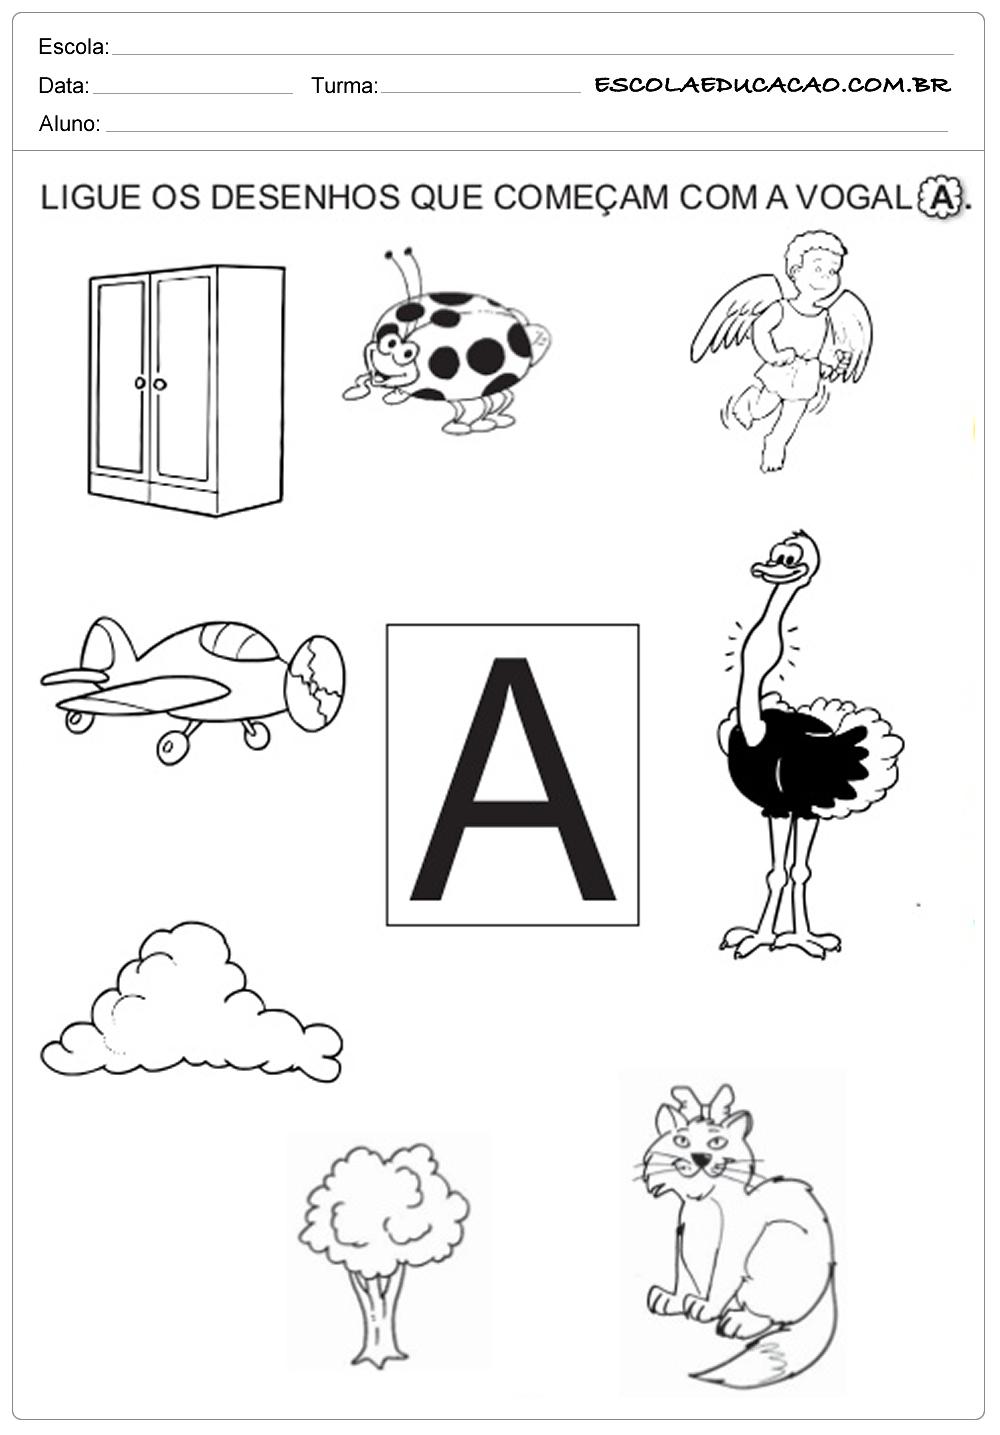 ligue os desenhos que contem a letra a escola educação